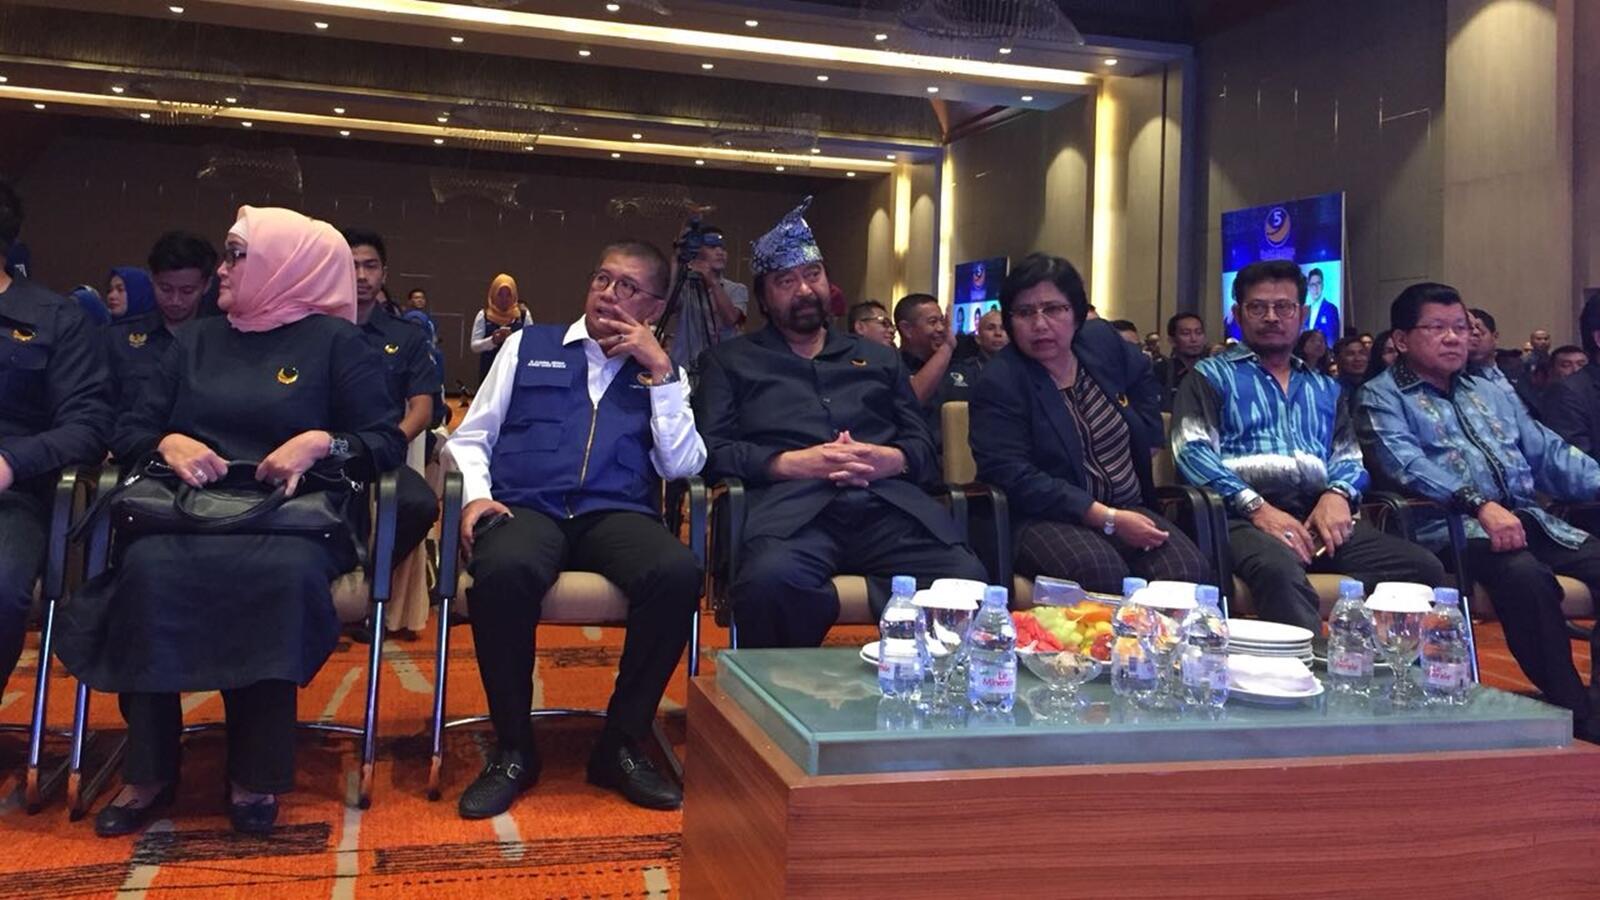 Surya Paloh Konsolidasikan Kader di Sumsel Hadapi Pemilu 2019